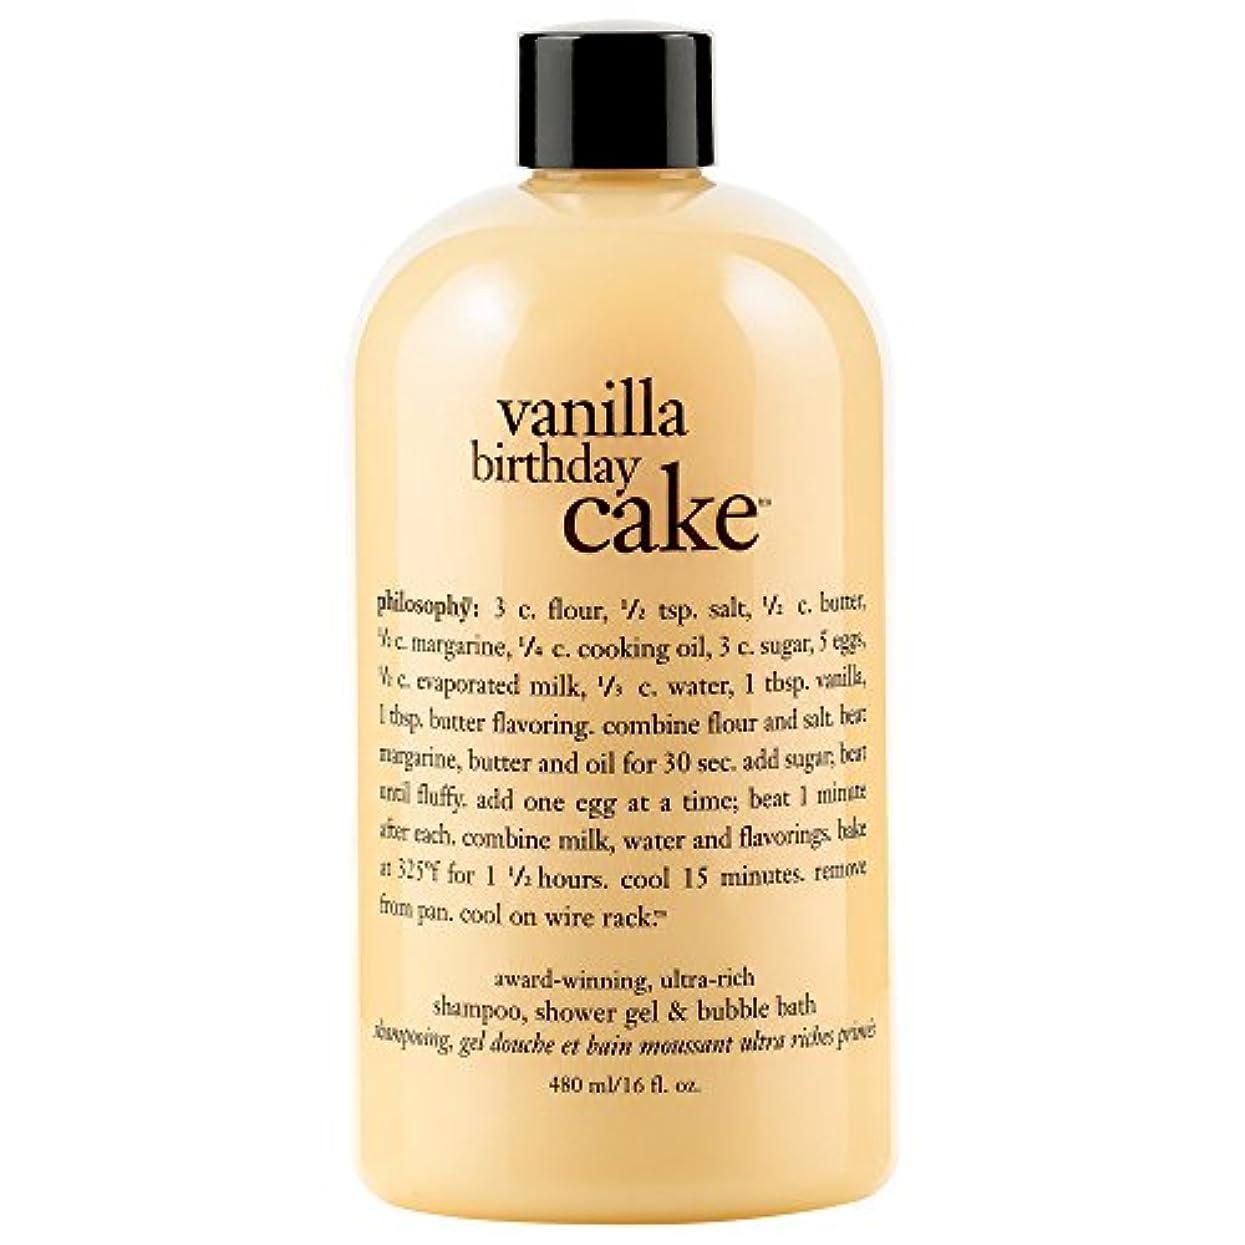 満足通知タイル哲学バニラバースデーケーキシャンプー/シャワージェル/バブルバス480ミリリットル (Philosophy) - Philosophy Vanilla Birthday Cake Shampoo/Shower Gel/Bubble...